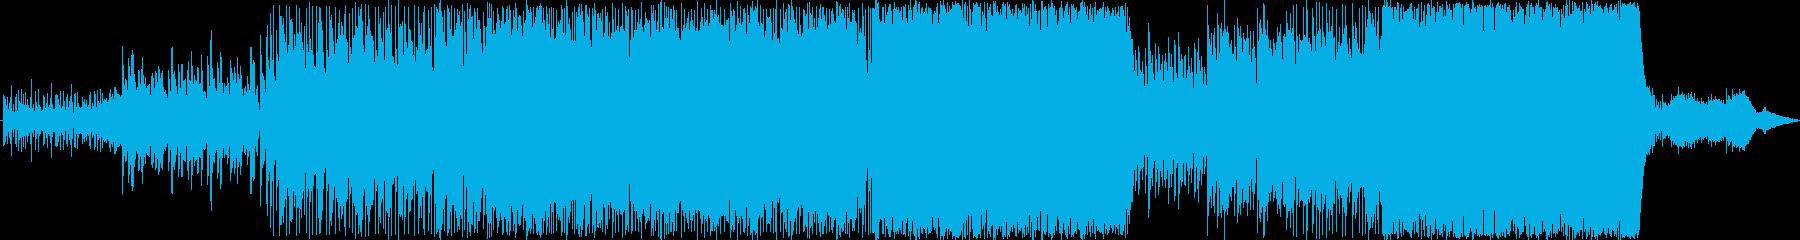 夜の海辺に似合う切ないBGMの再生済みの波形